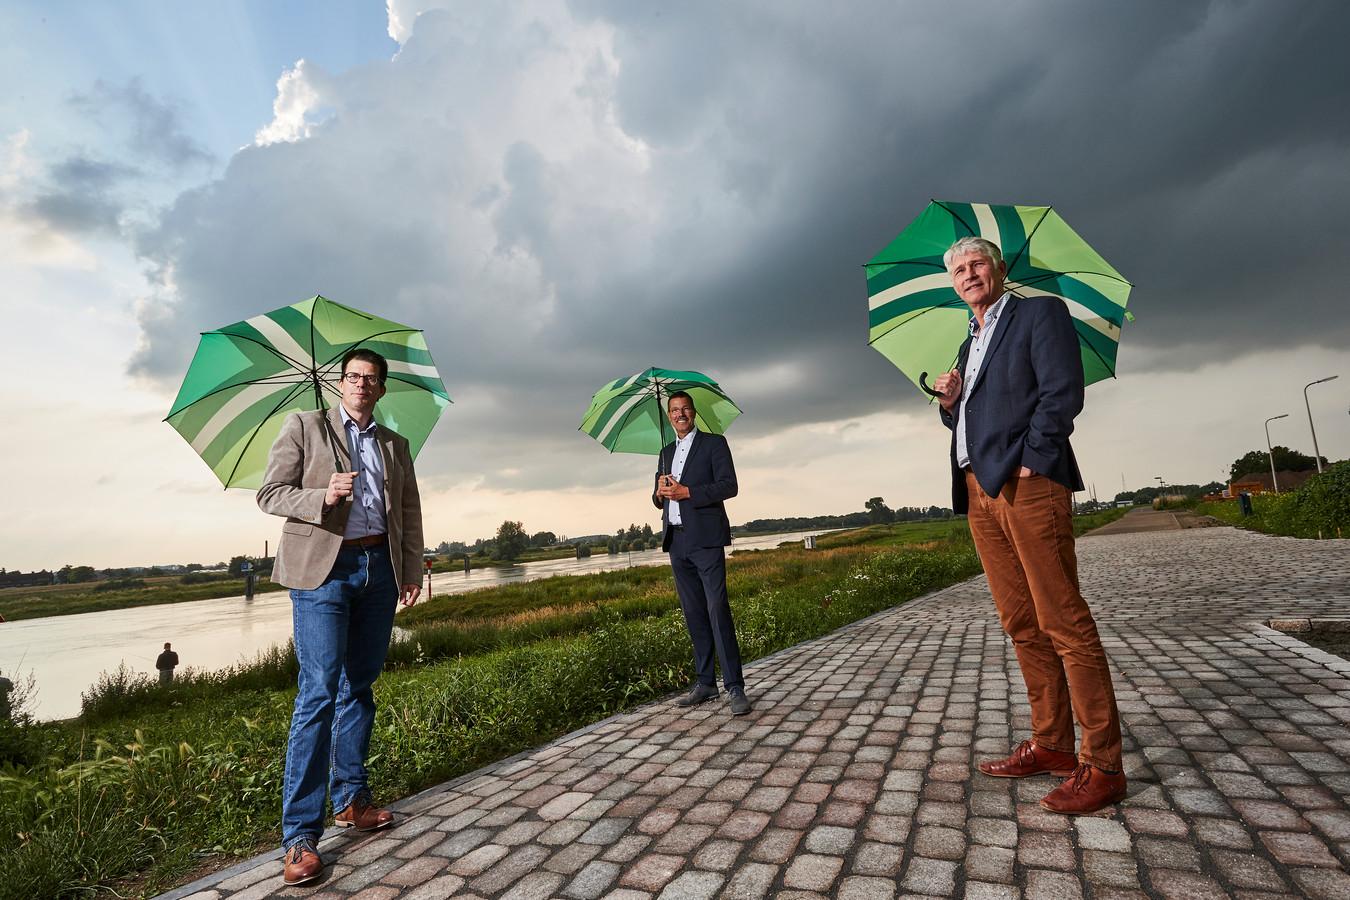 Joost van Oostrum, Peter van 't Hoog en Hein Pieper (van links naar rechts) bij de IJssel in Zutphen.